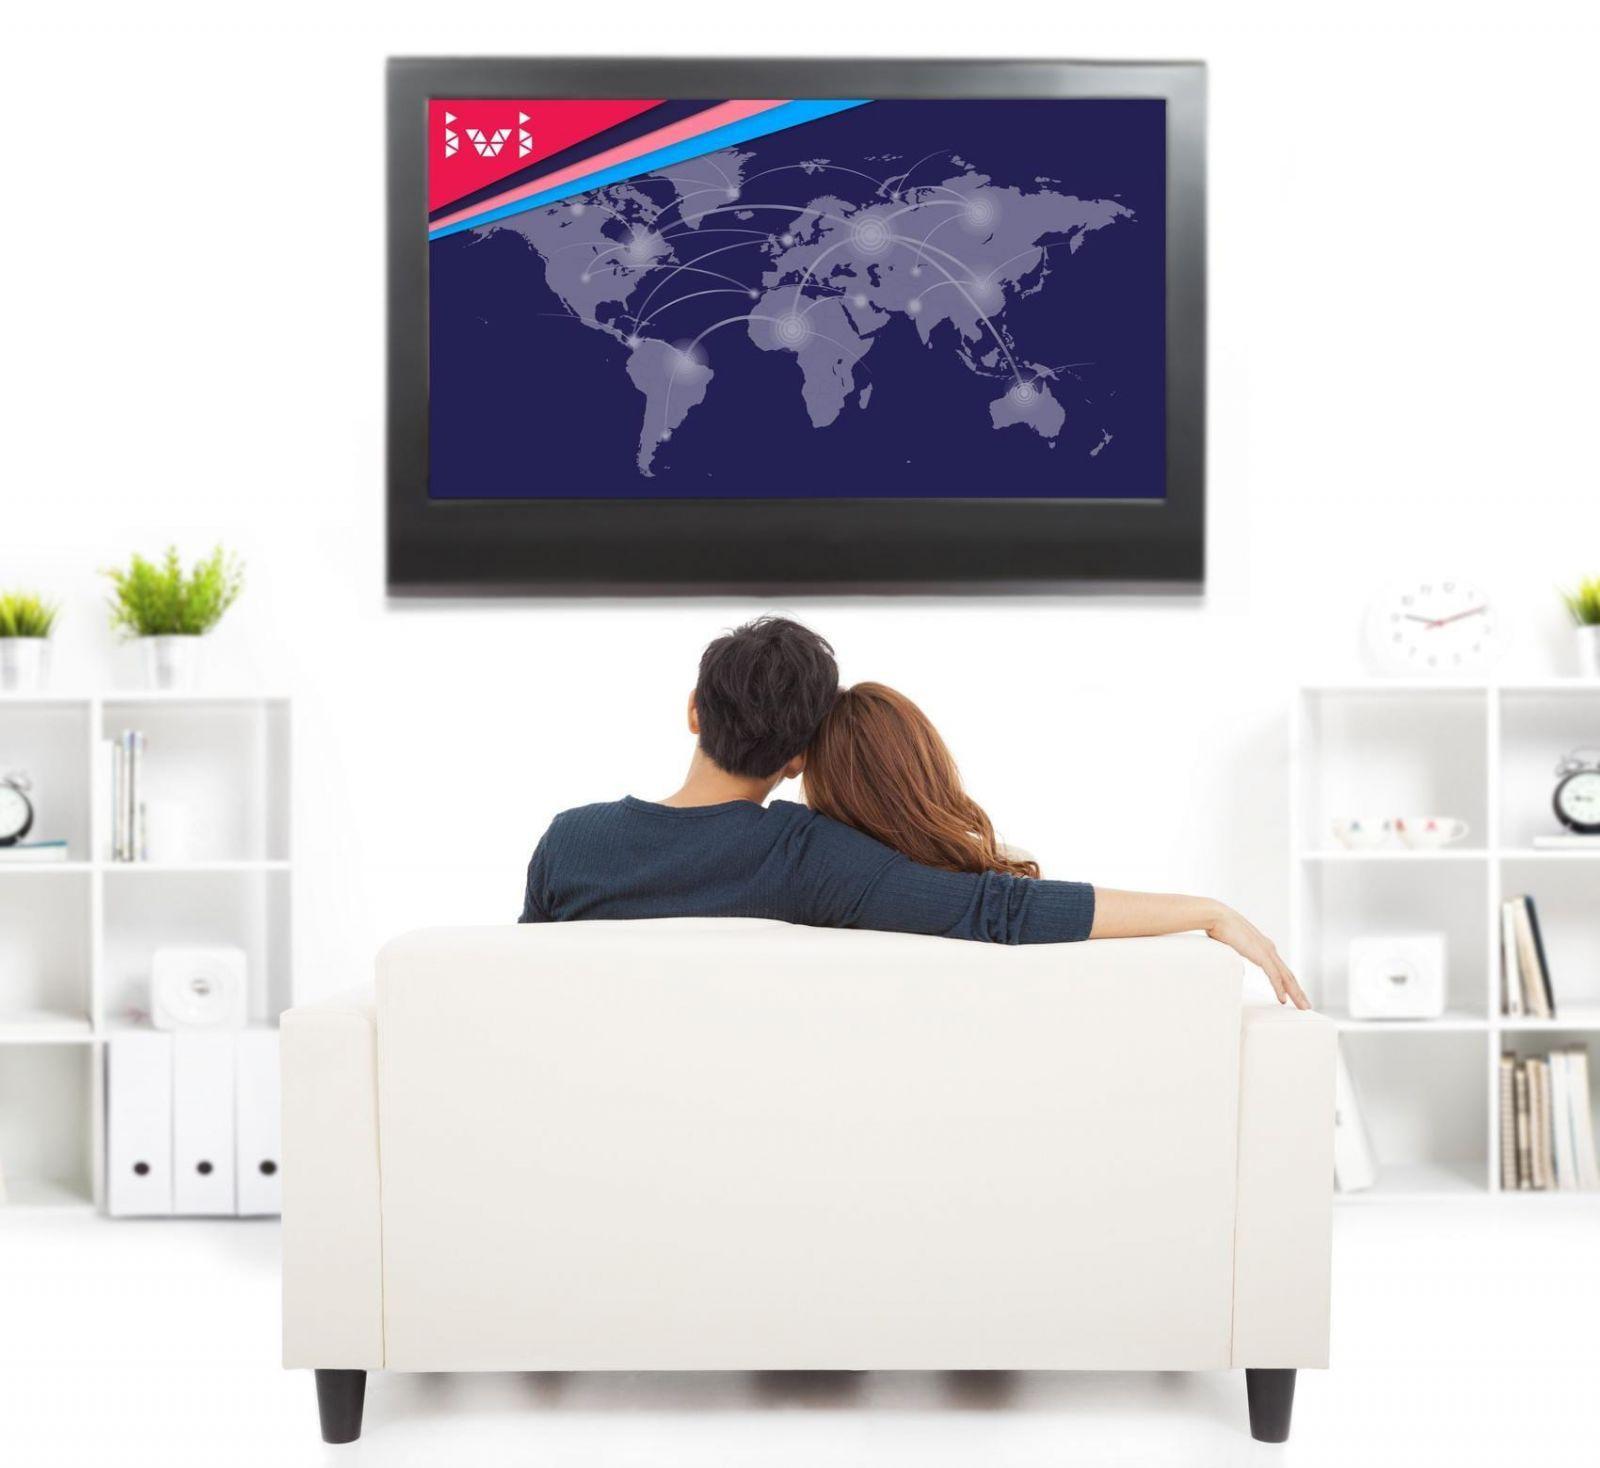 Кинотеатр ivi теперь работает по всему миру